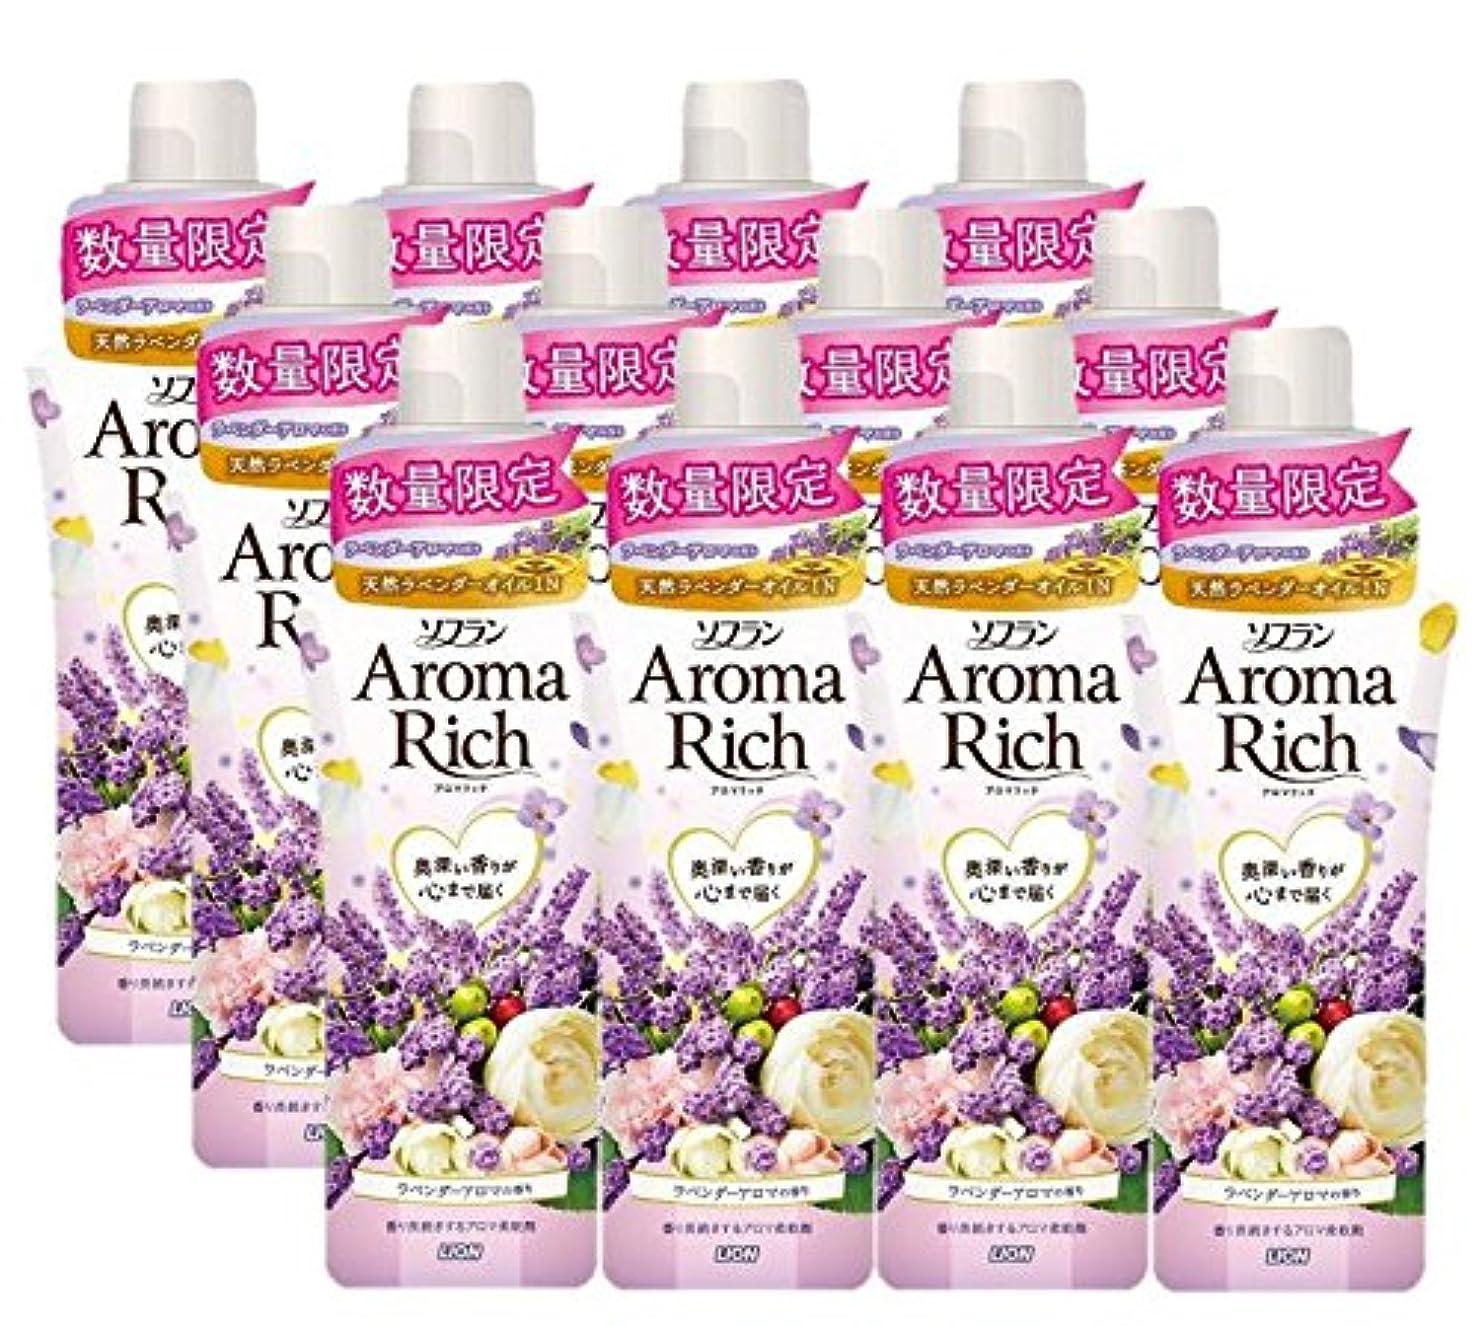 一晩一般的なポーチソフランアロマリッチ ラベンダーアロマの香り(企画限定の香り) 550mL×12個セット